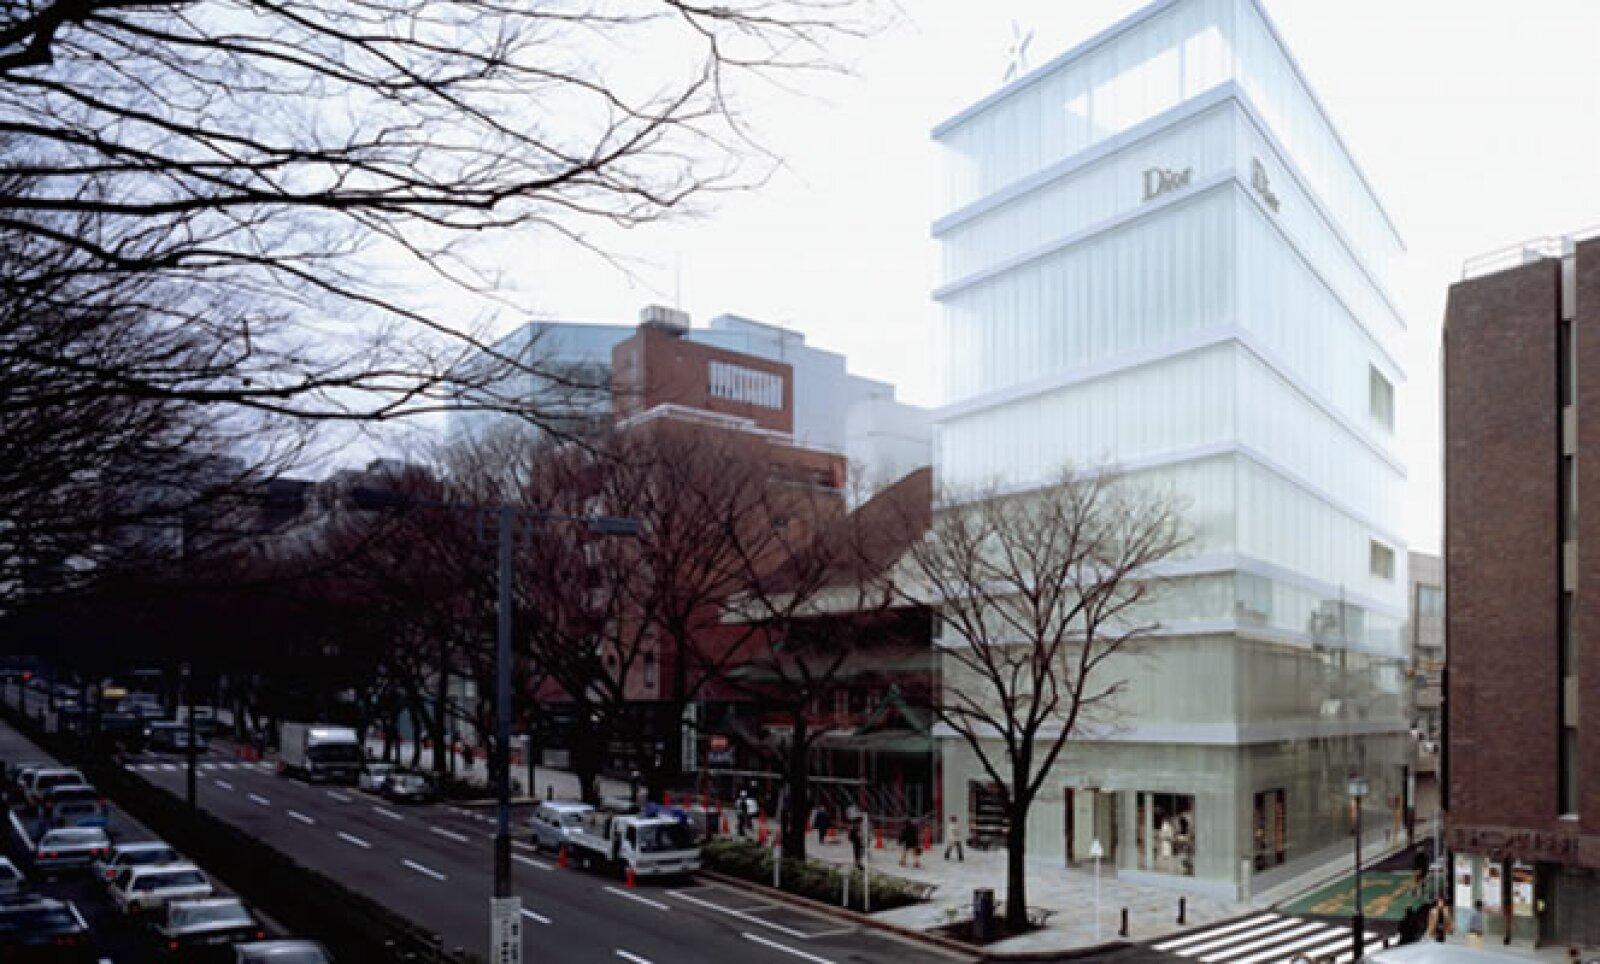 La boutique de Dior, en Tokio, mezcla una fachada de cristal y una segunda capa de pantallas de acrílico que aportan ligereza en el día y por la noche generan destellos de luz.